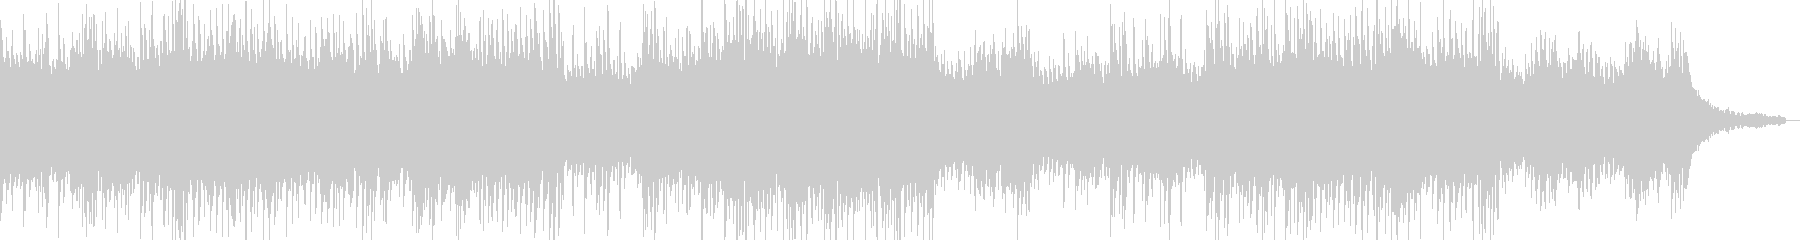 ピアノのリフで始まるハウス系サウンドの未再生の波形